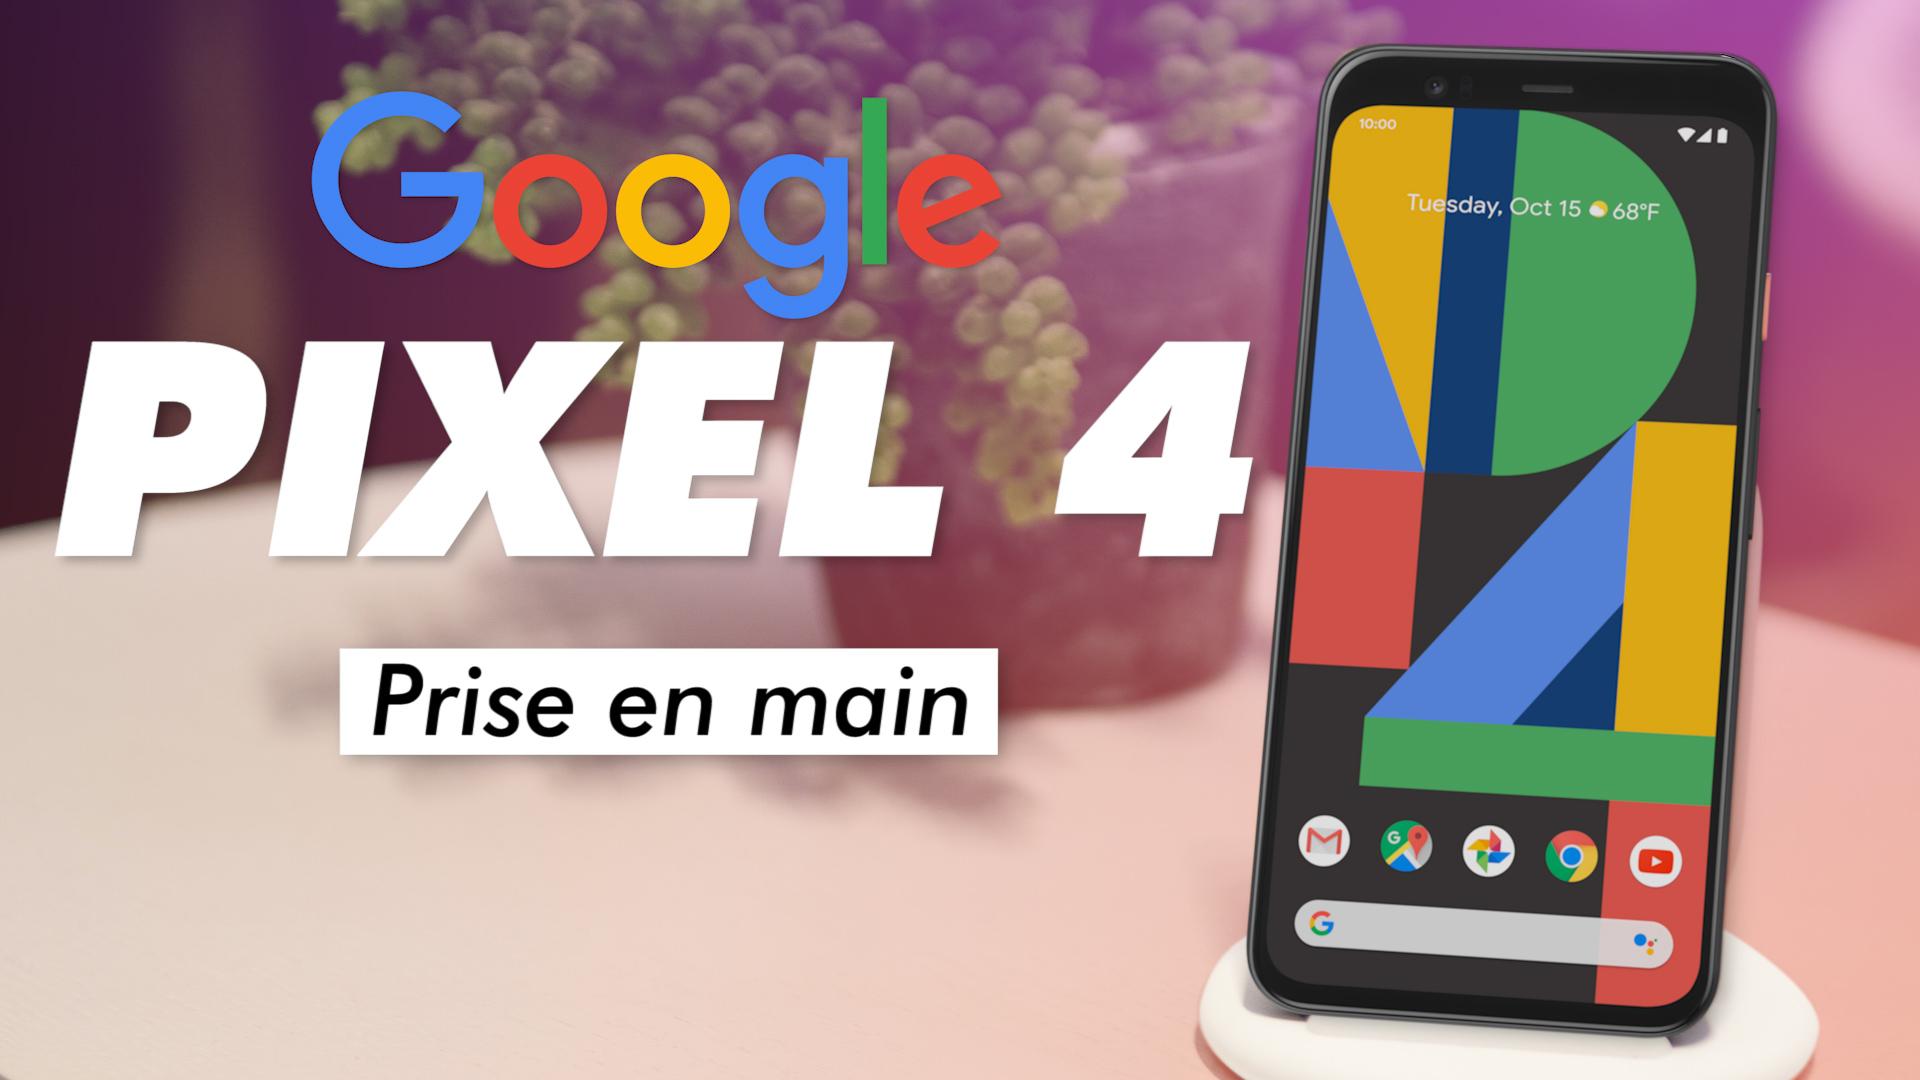 Google Pixel 4 : nous a-t-il SURPRIS pendant la PRISE EN MAIN ?